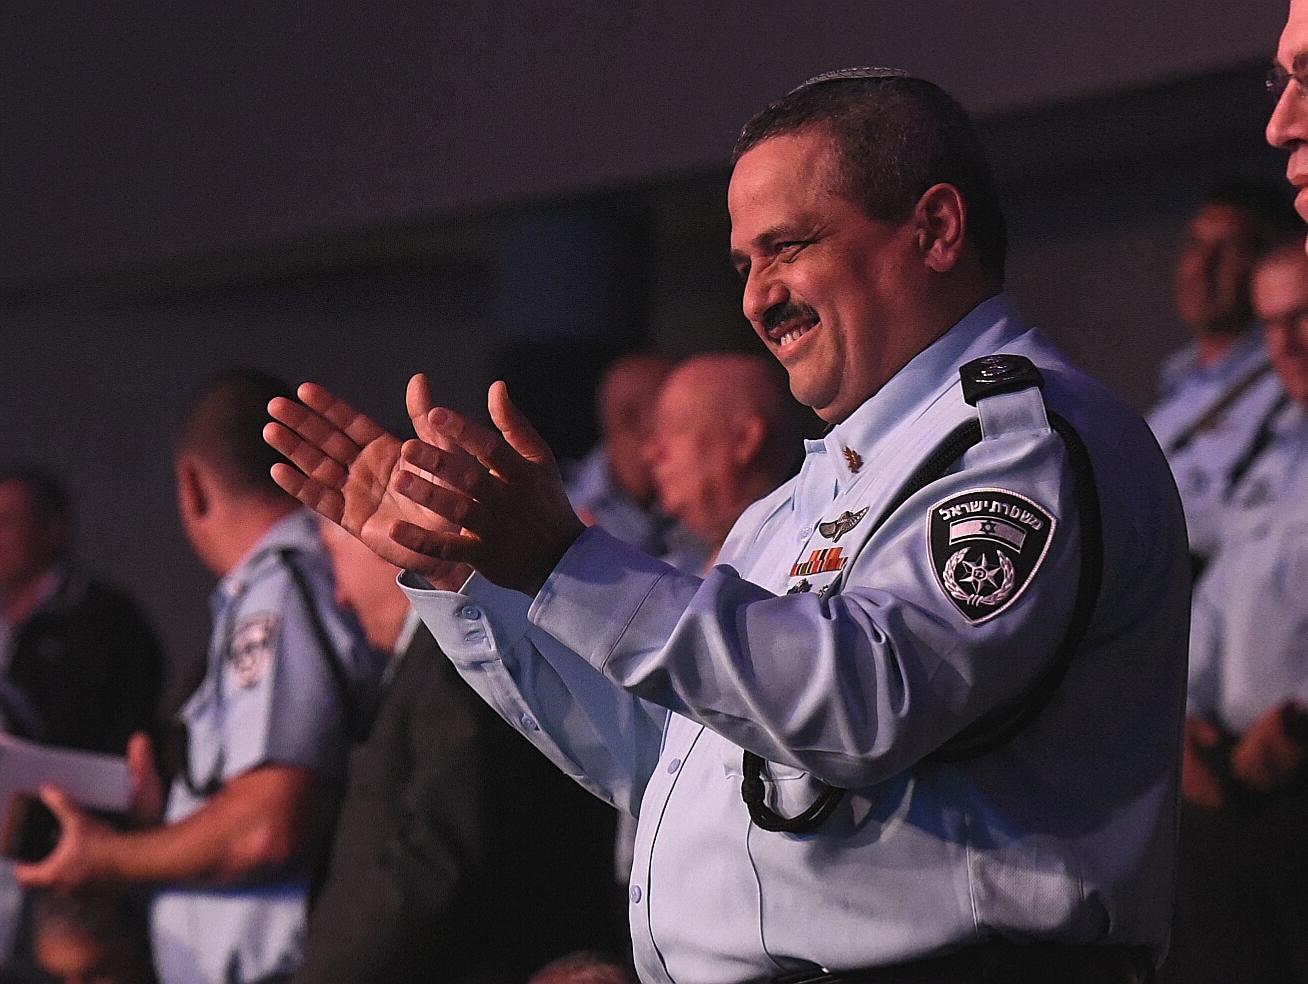 למרות דבריו של נתניהו: אמון הציבור במשטרה דווקא בעלייה